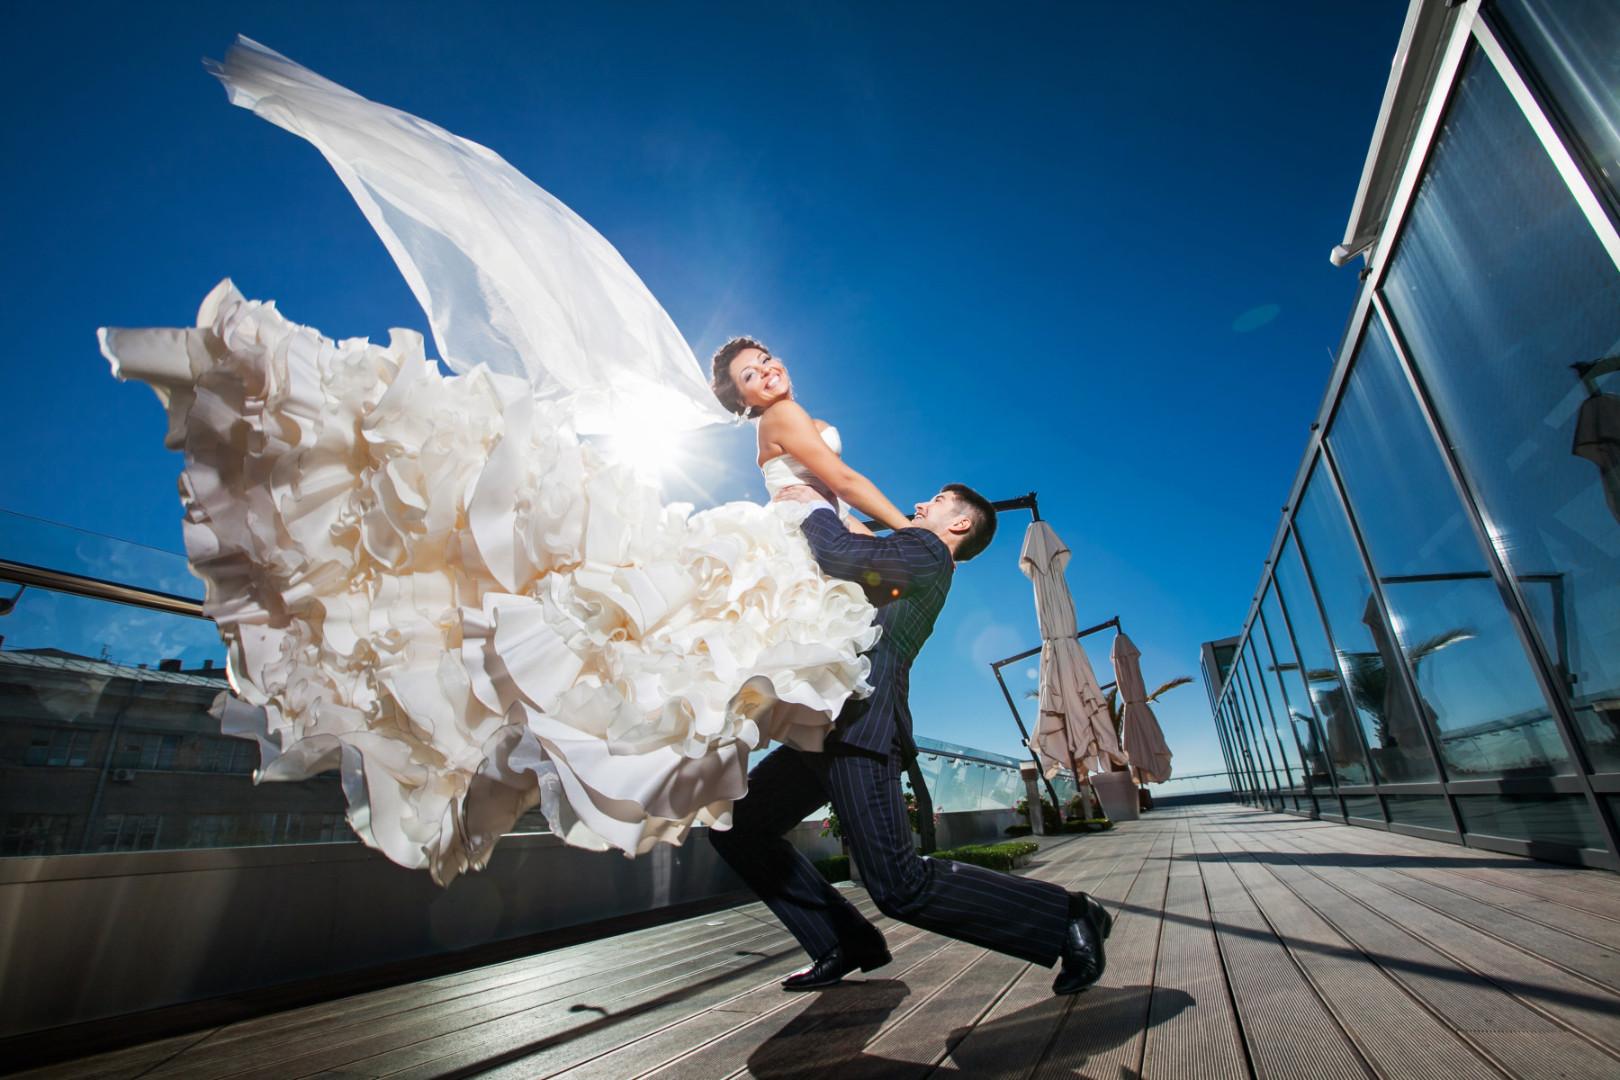 объекты свадебные фотографии в харьков пэлэс одним самых востребованных